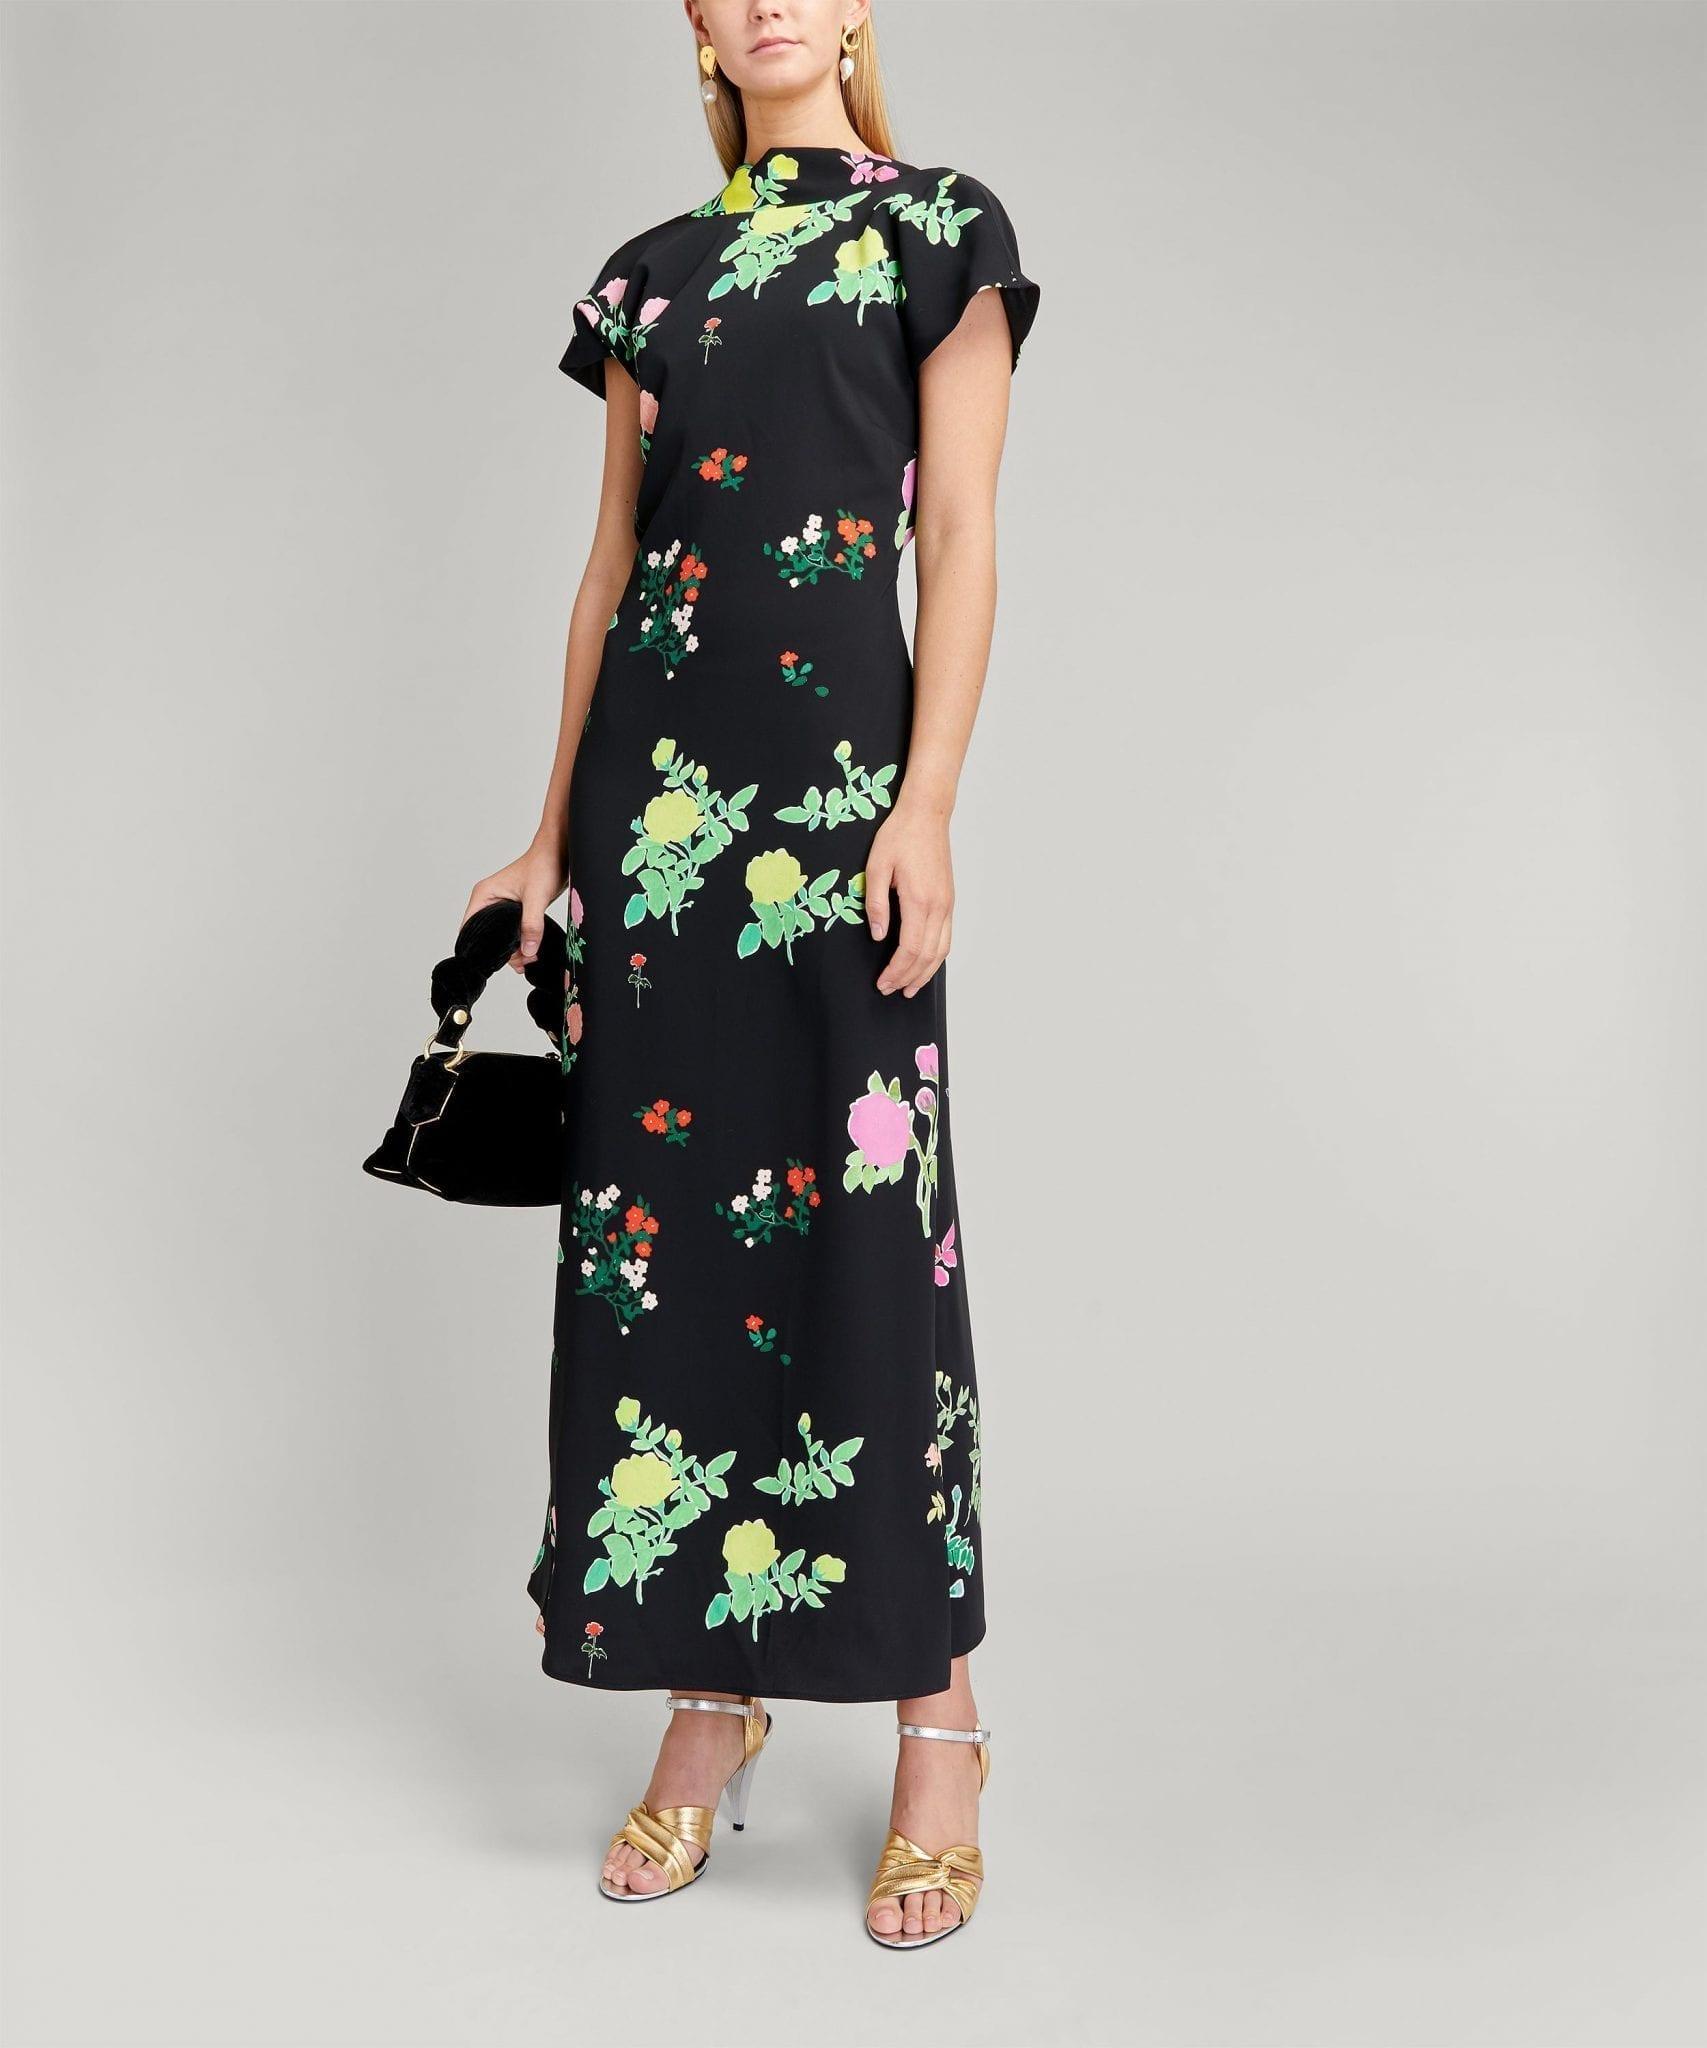 BERNADETTE Valentine High-Neck Cap-Sleeve Dress